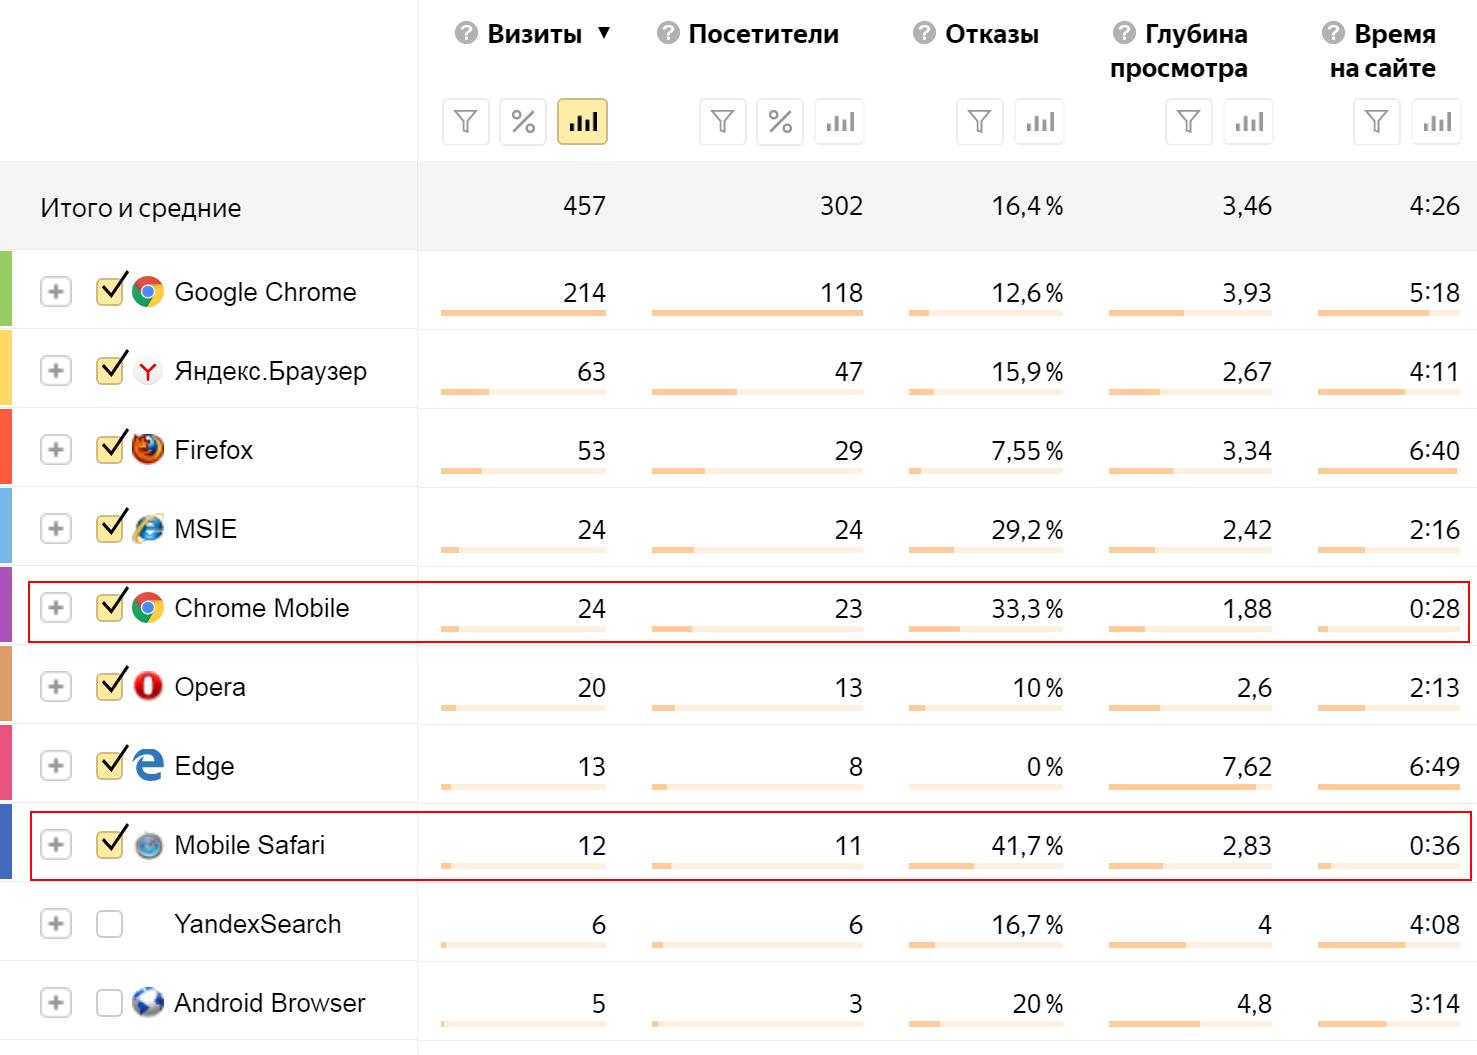 Таблица распределения браузеров